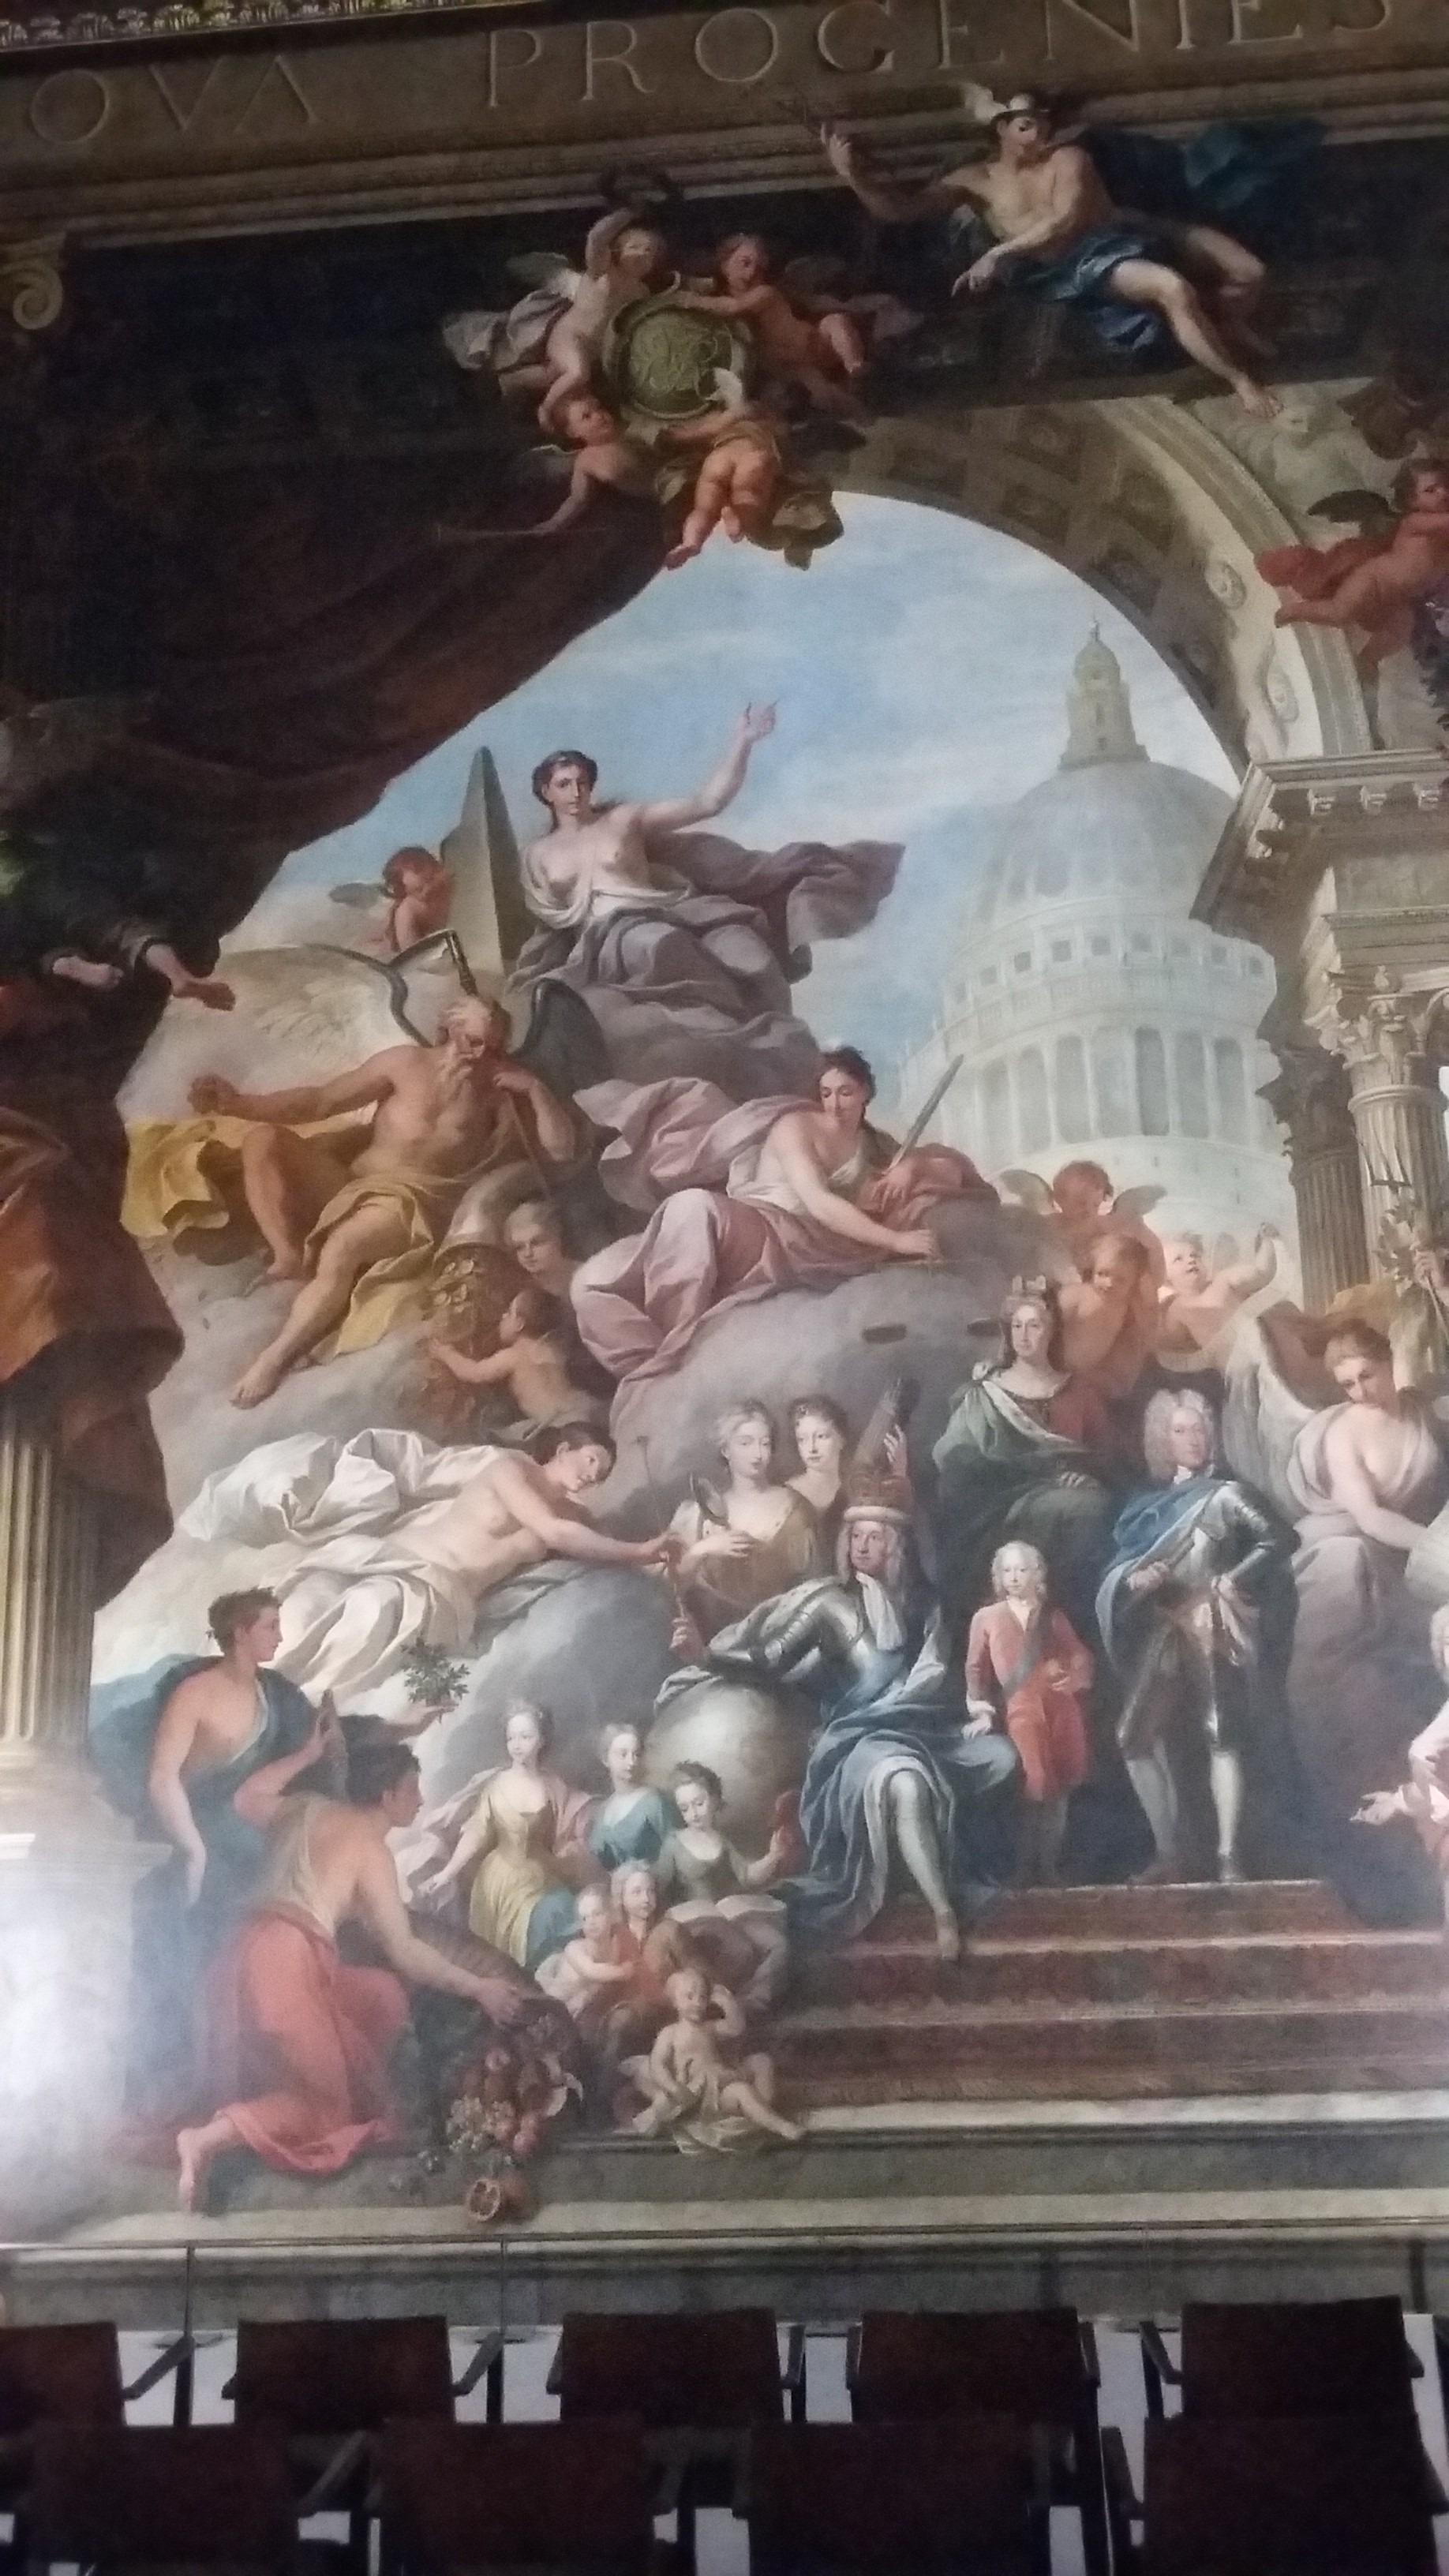 Full mural